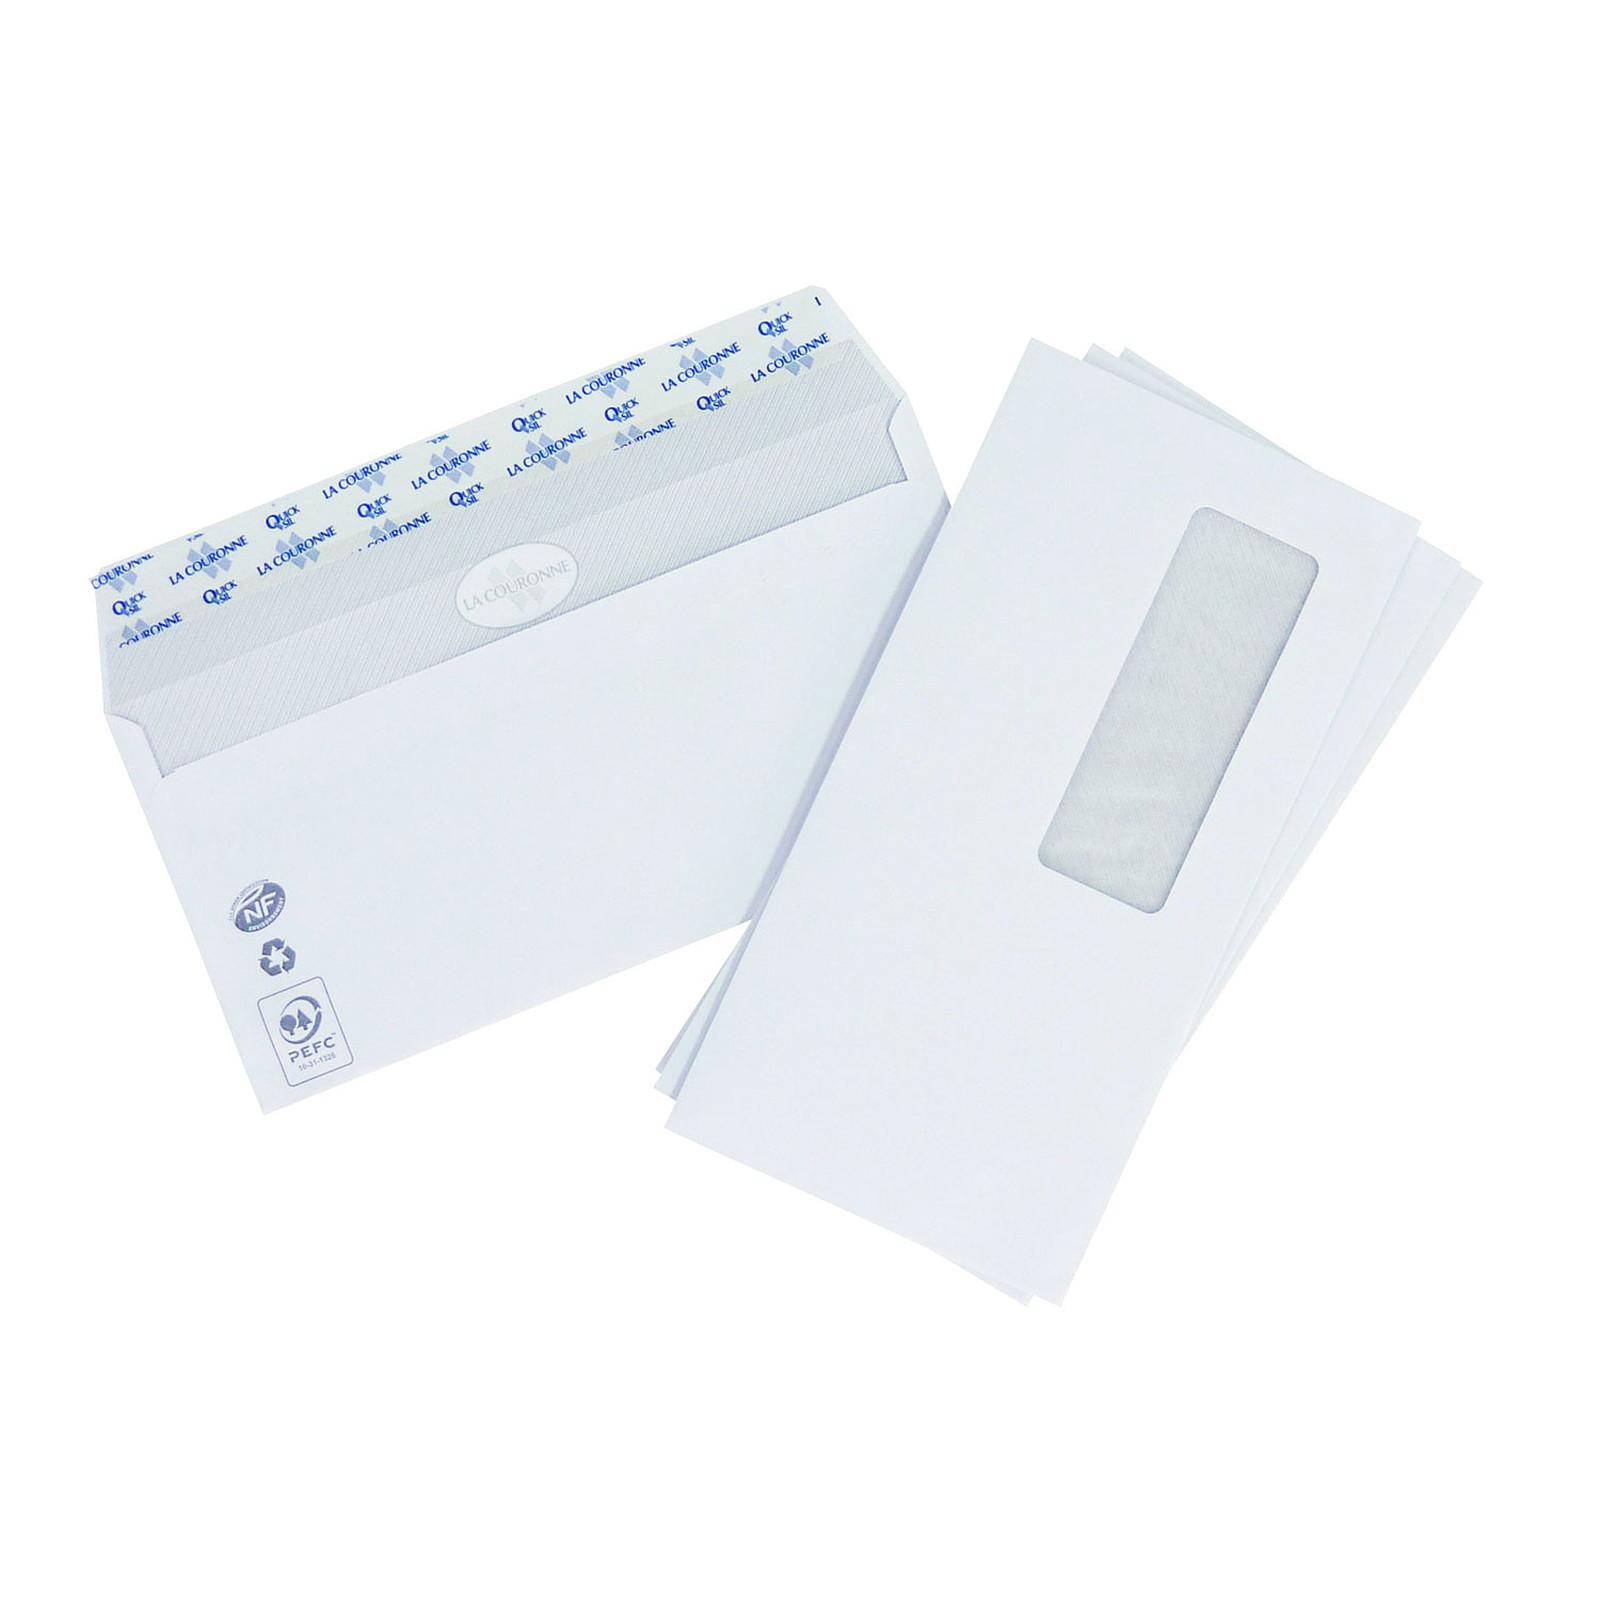 La Couronne Boite de 500 enveloppes DL avec fenêtre